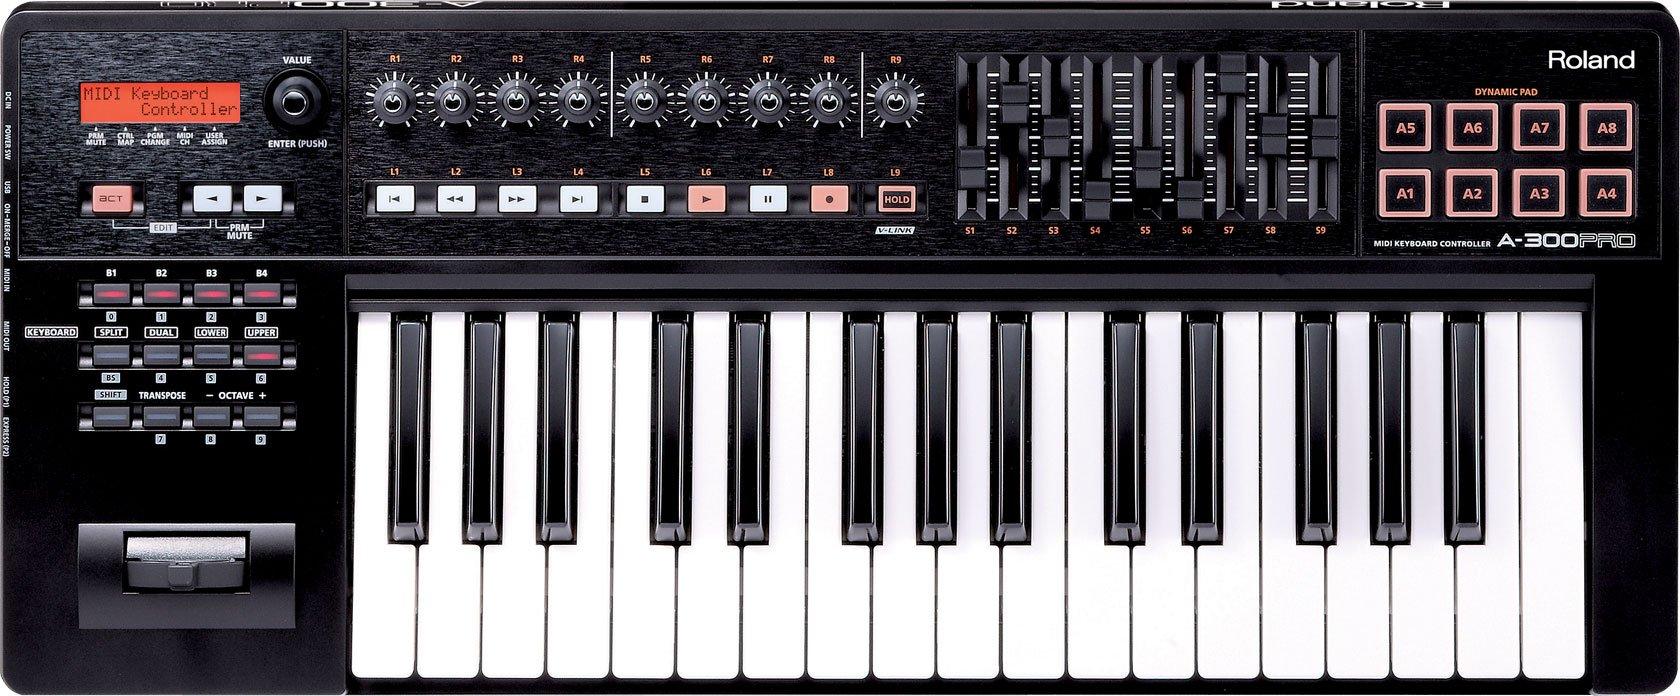 Roland 32-key MIDI Keyboard Controller, black (A-300PRO-R)